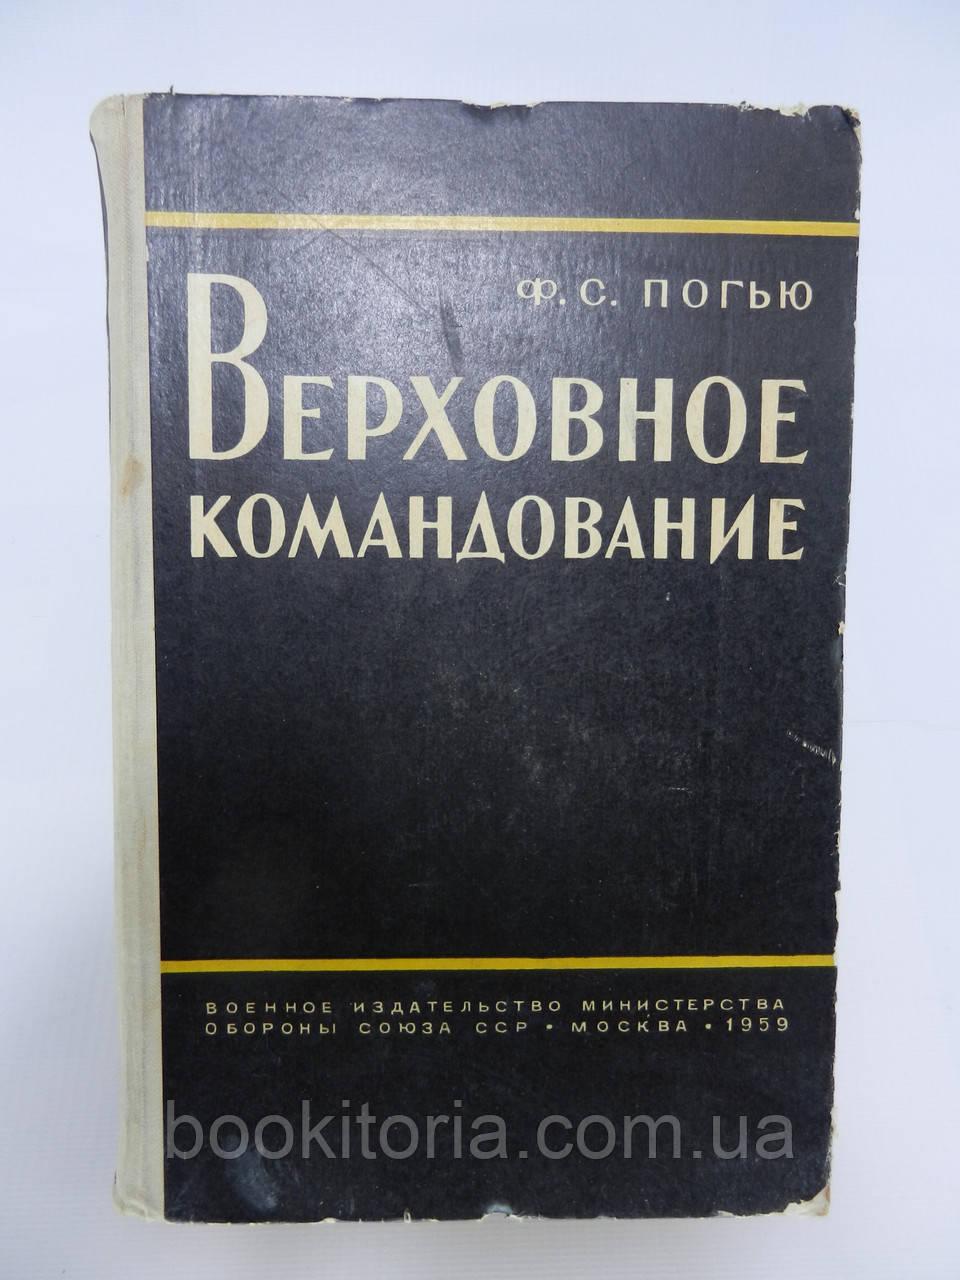 Погью Ф.С. Верховное командование (б/у).